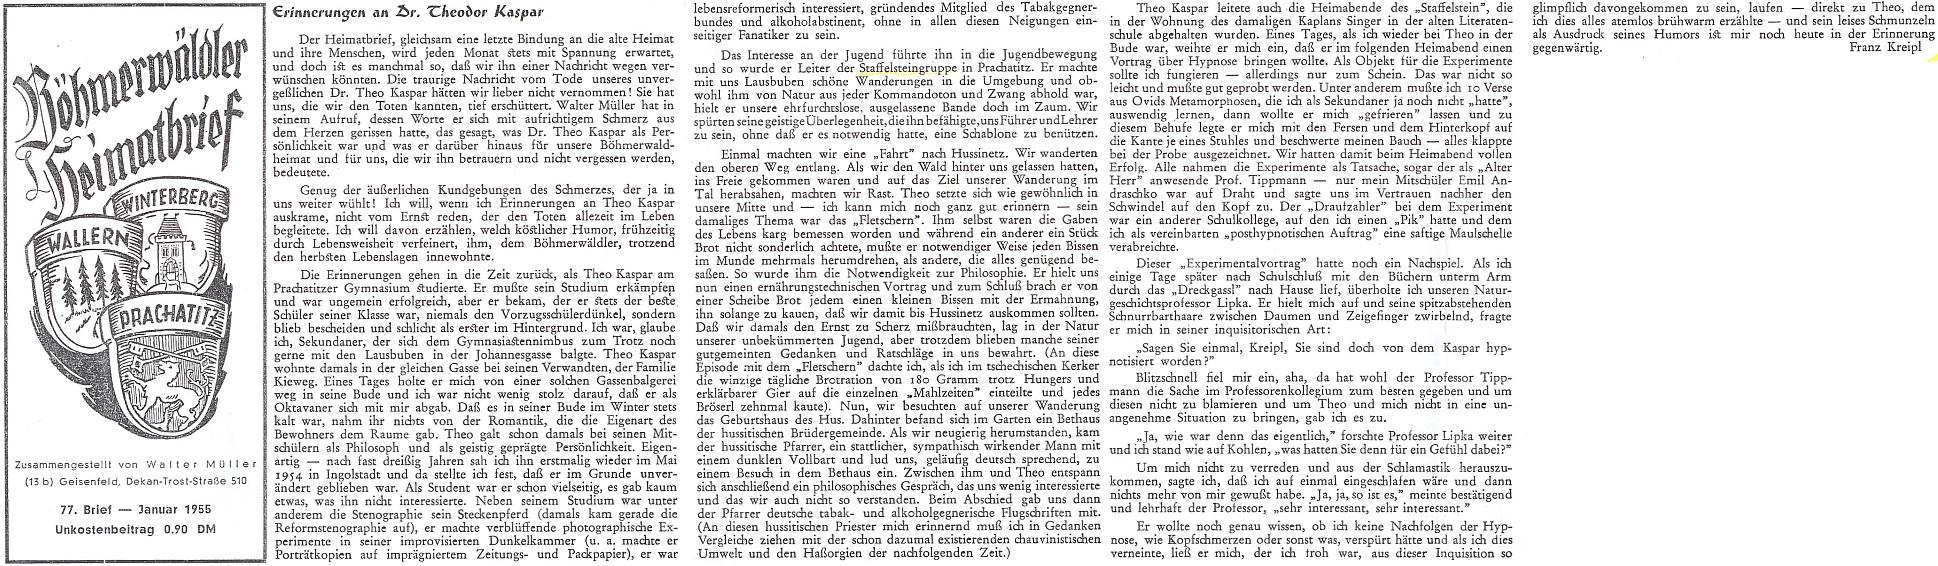 Vzpomínky Franze Kreipla na Dr. Theodora Kaspara